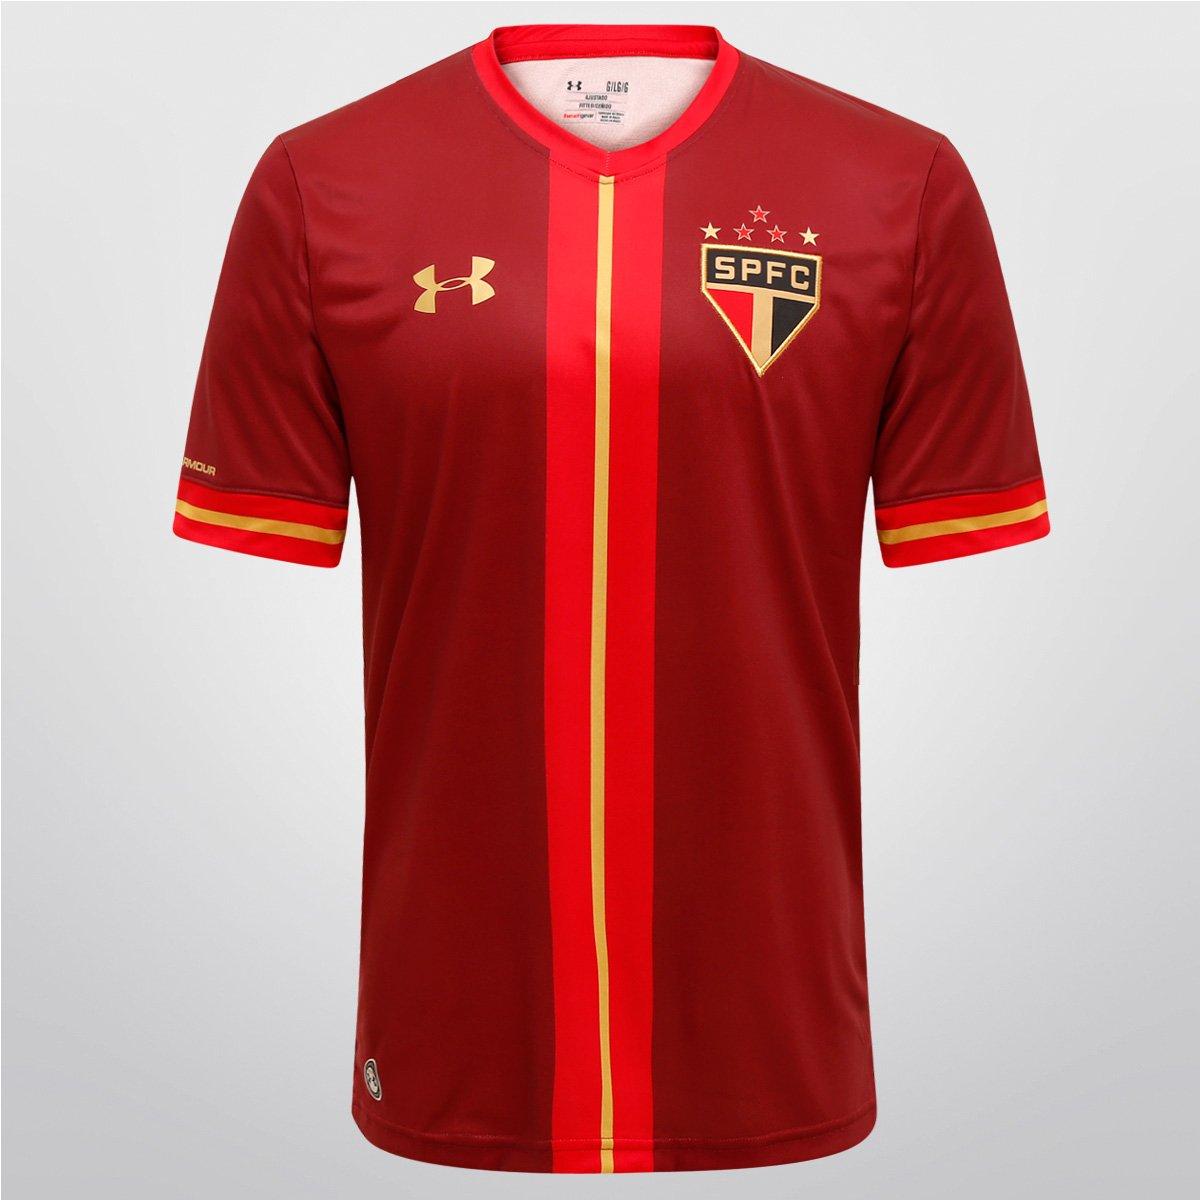 70e7b3cd0d Camisa São Paulo III 15 16 s nº - Torcedor Under Armour Masculina - Compre  Agora